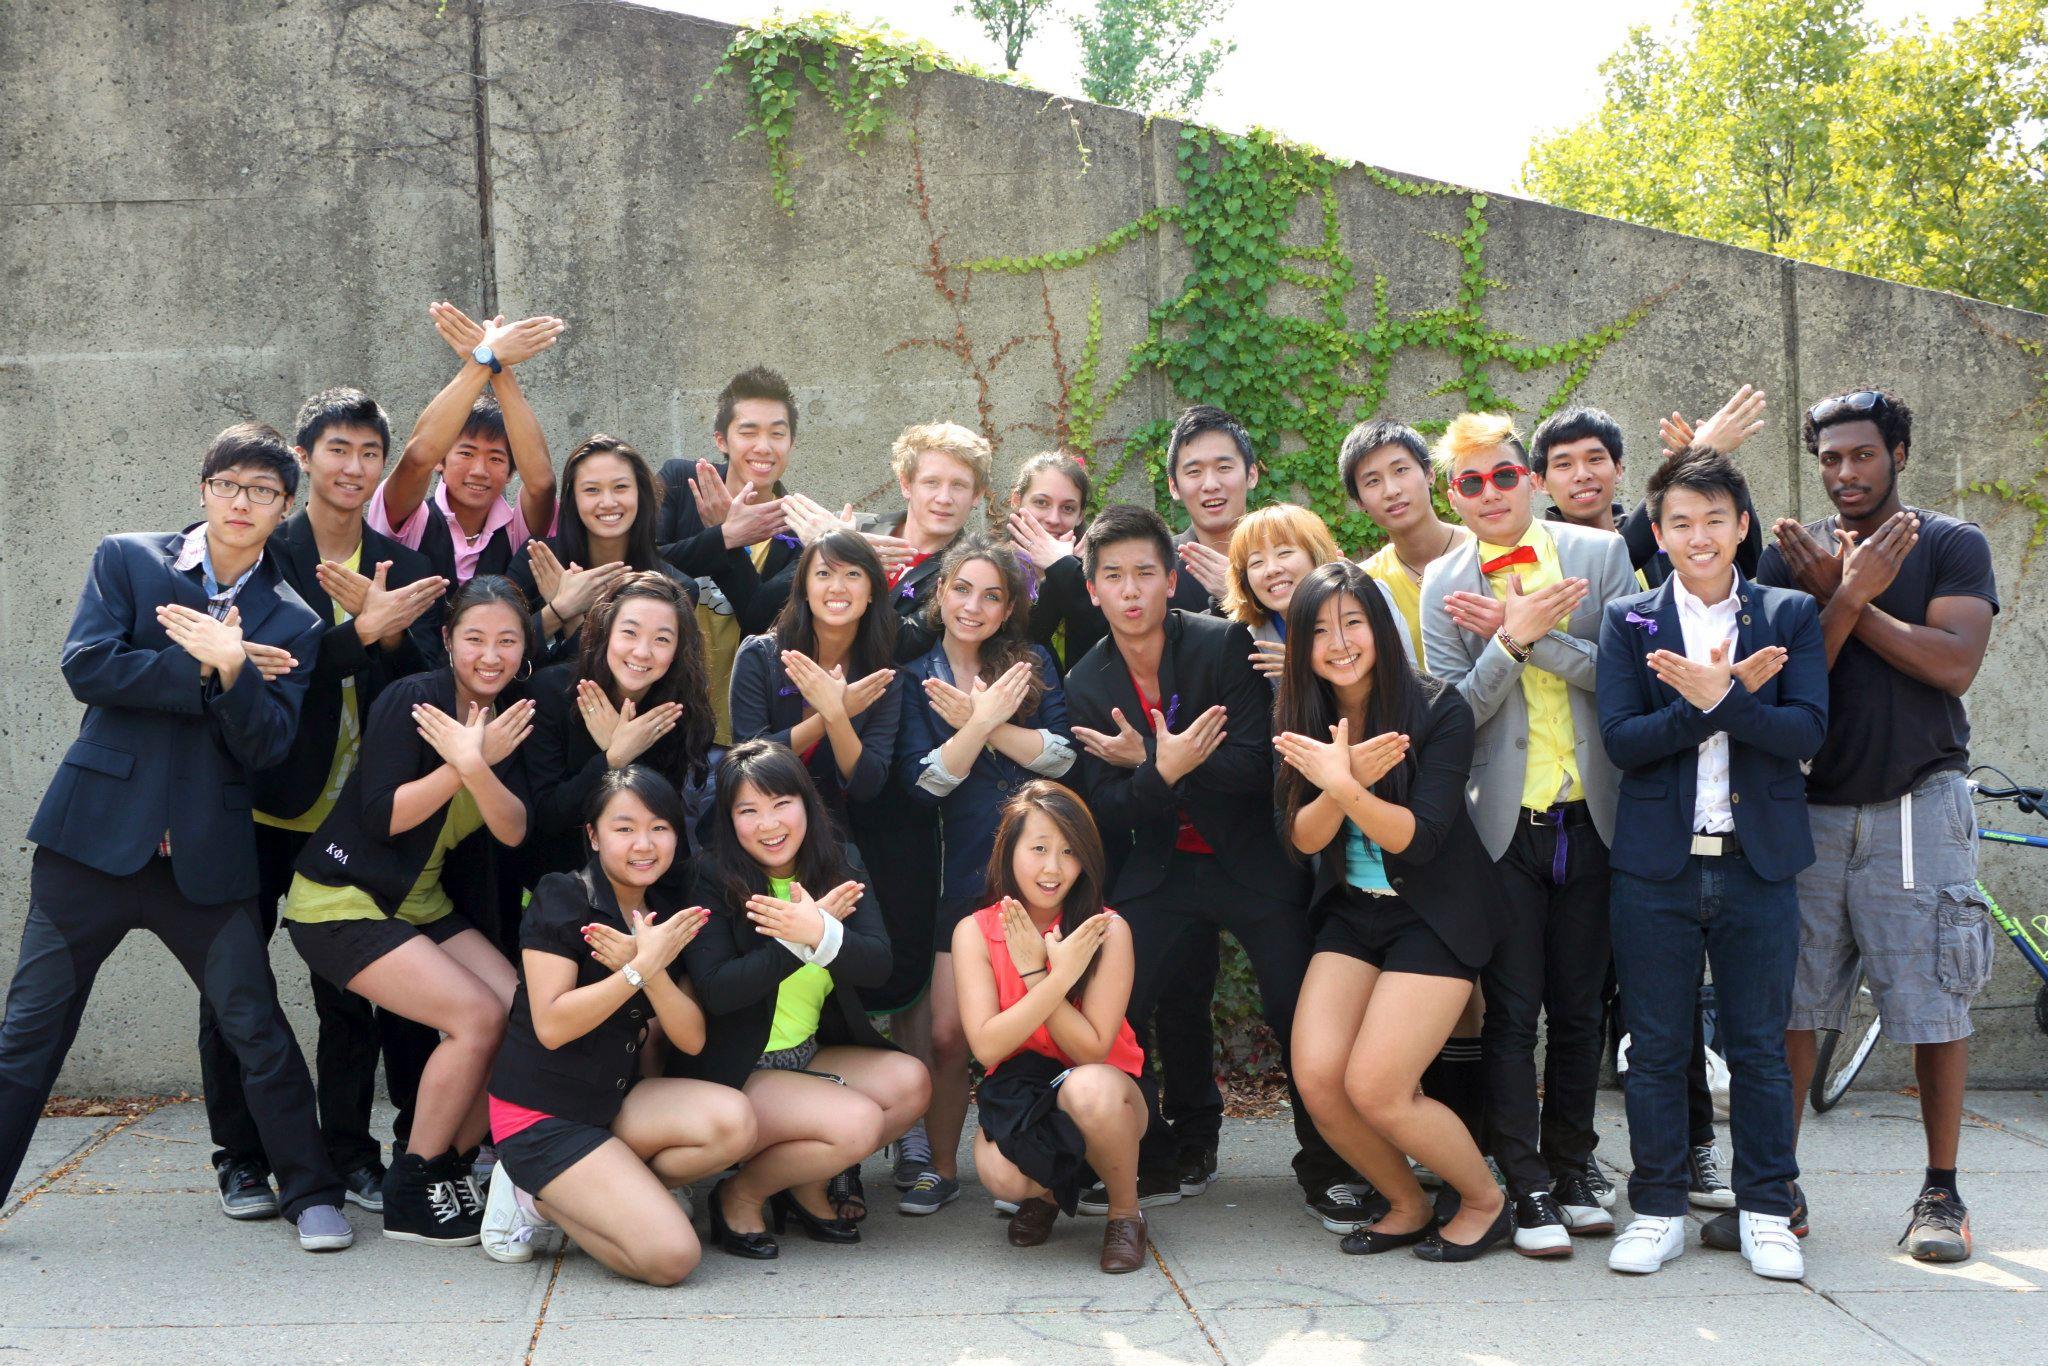 The whole crew, pre-flash mob!